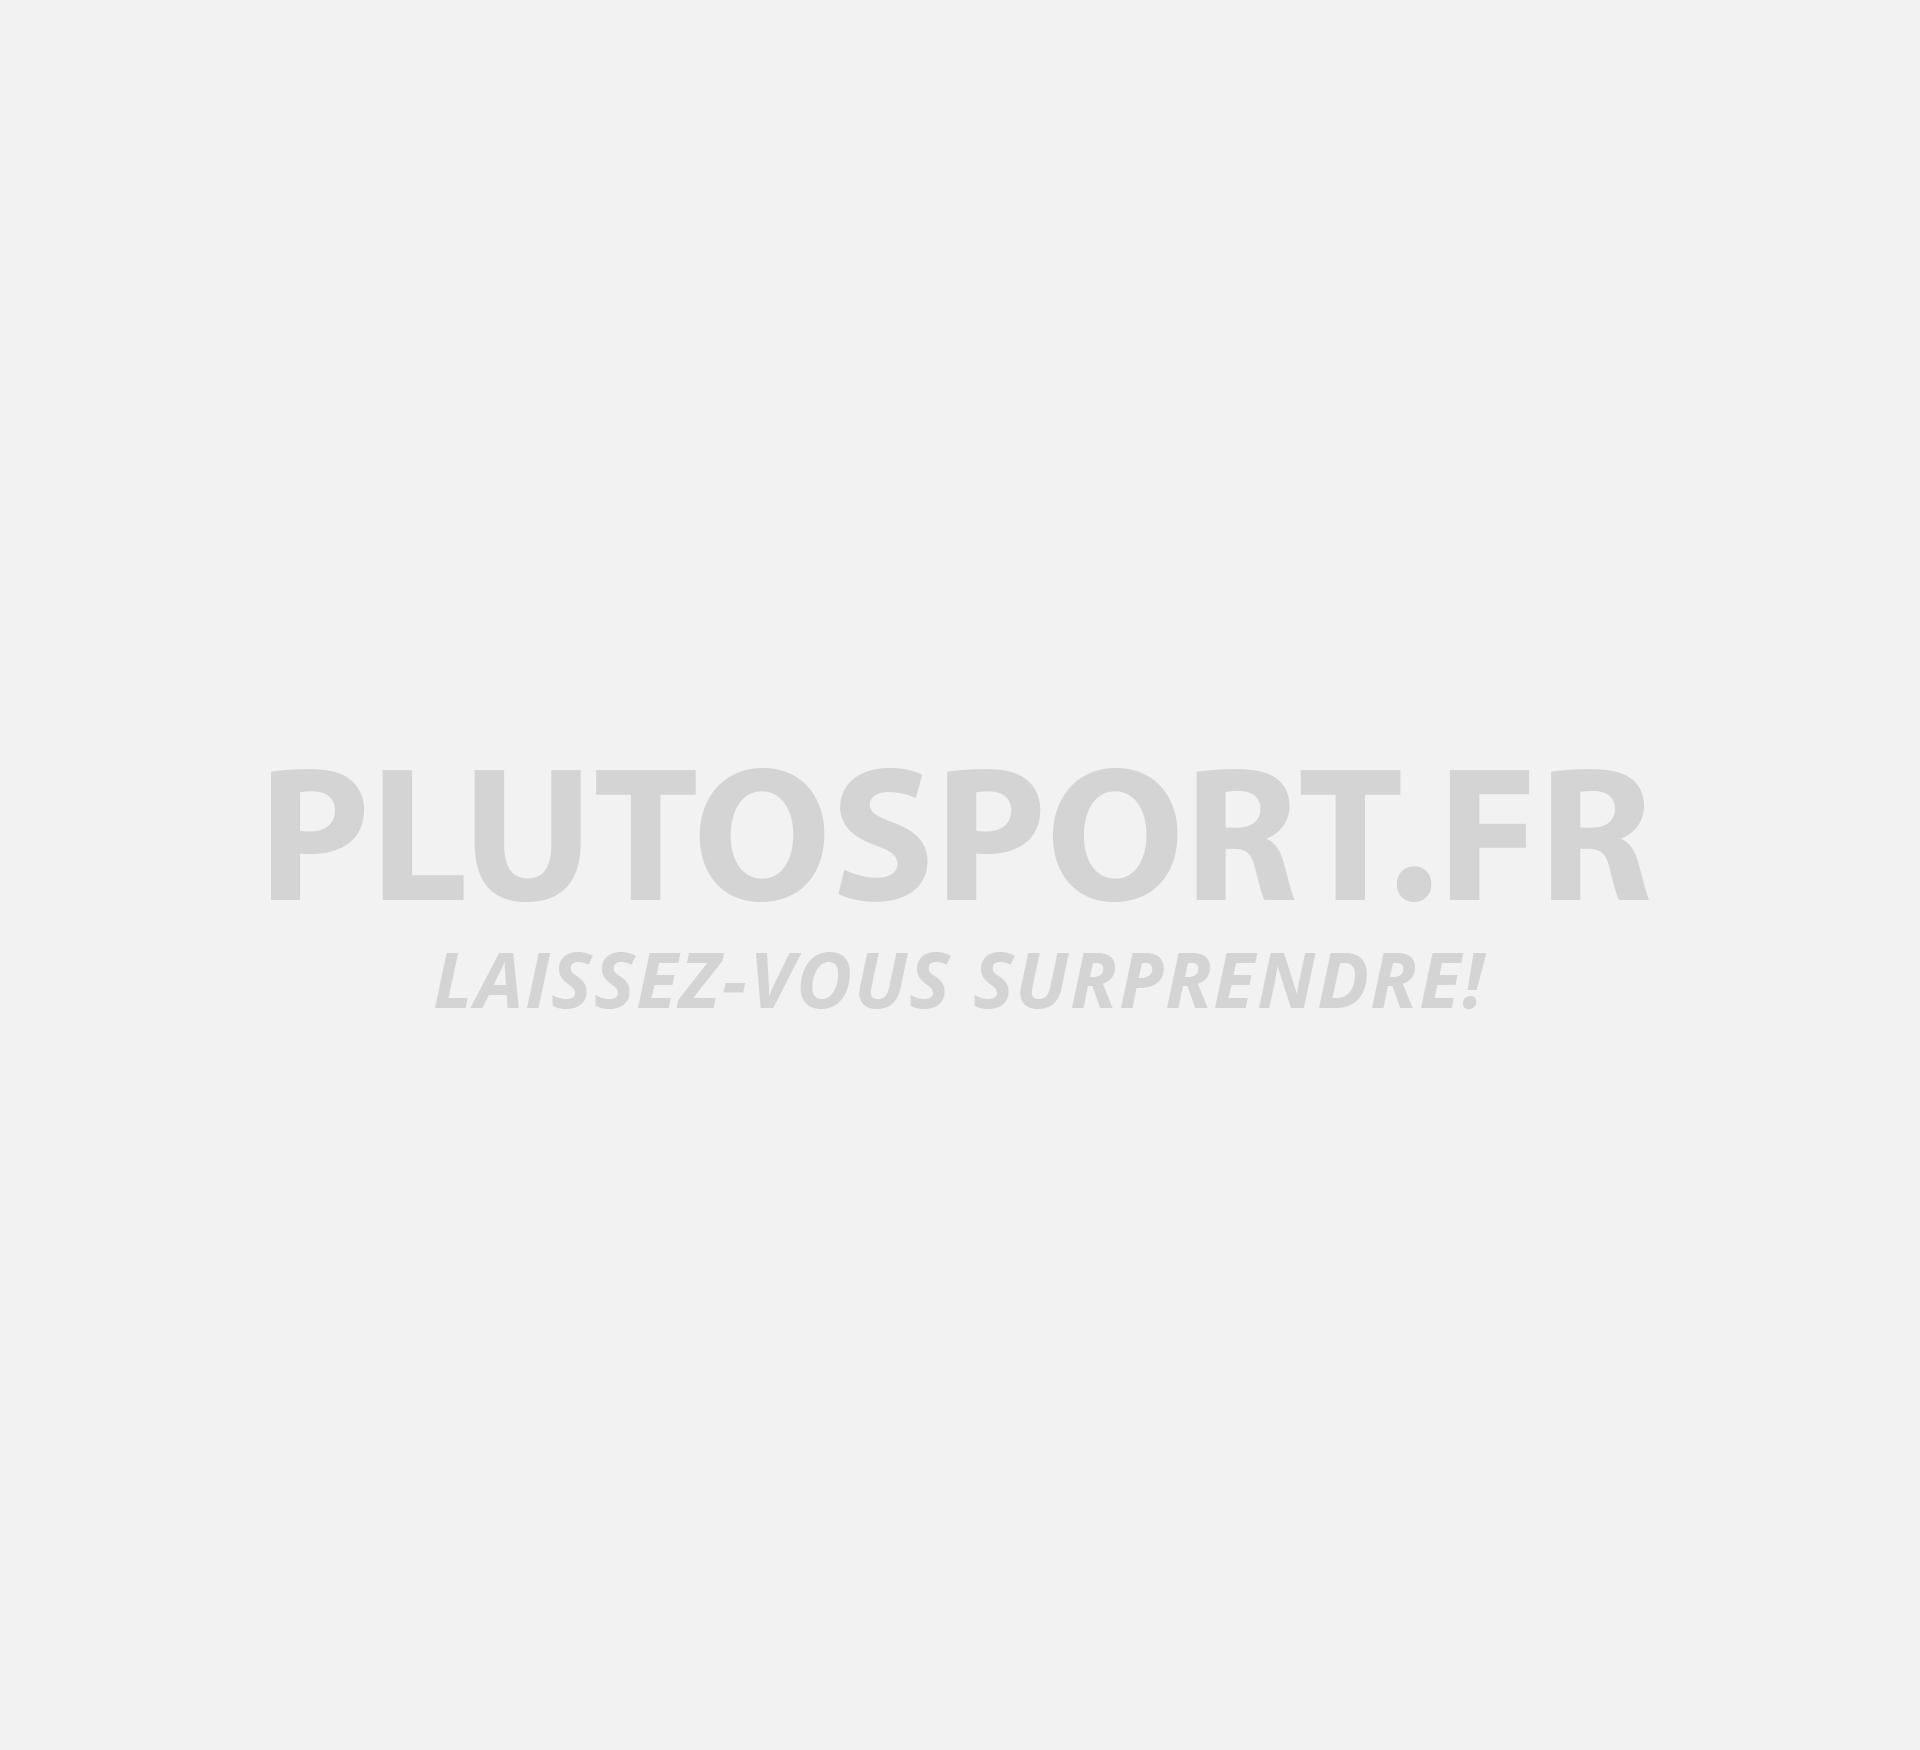 on sale 89051 8b4bd Chaussures de Football Adidas Copa Mundial FG. 0 avis. Ajouter à la liste  de cadeaux. Disponibilité  En stock